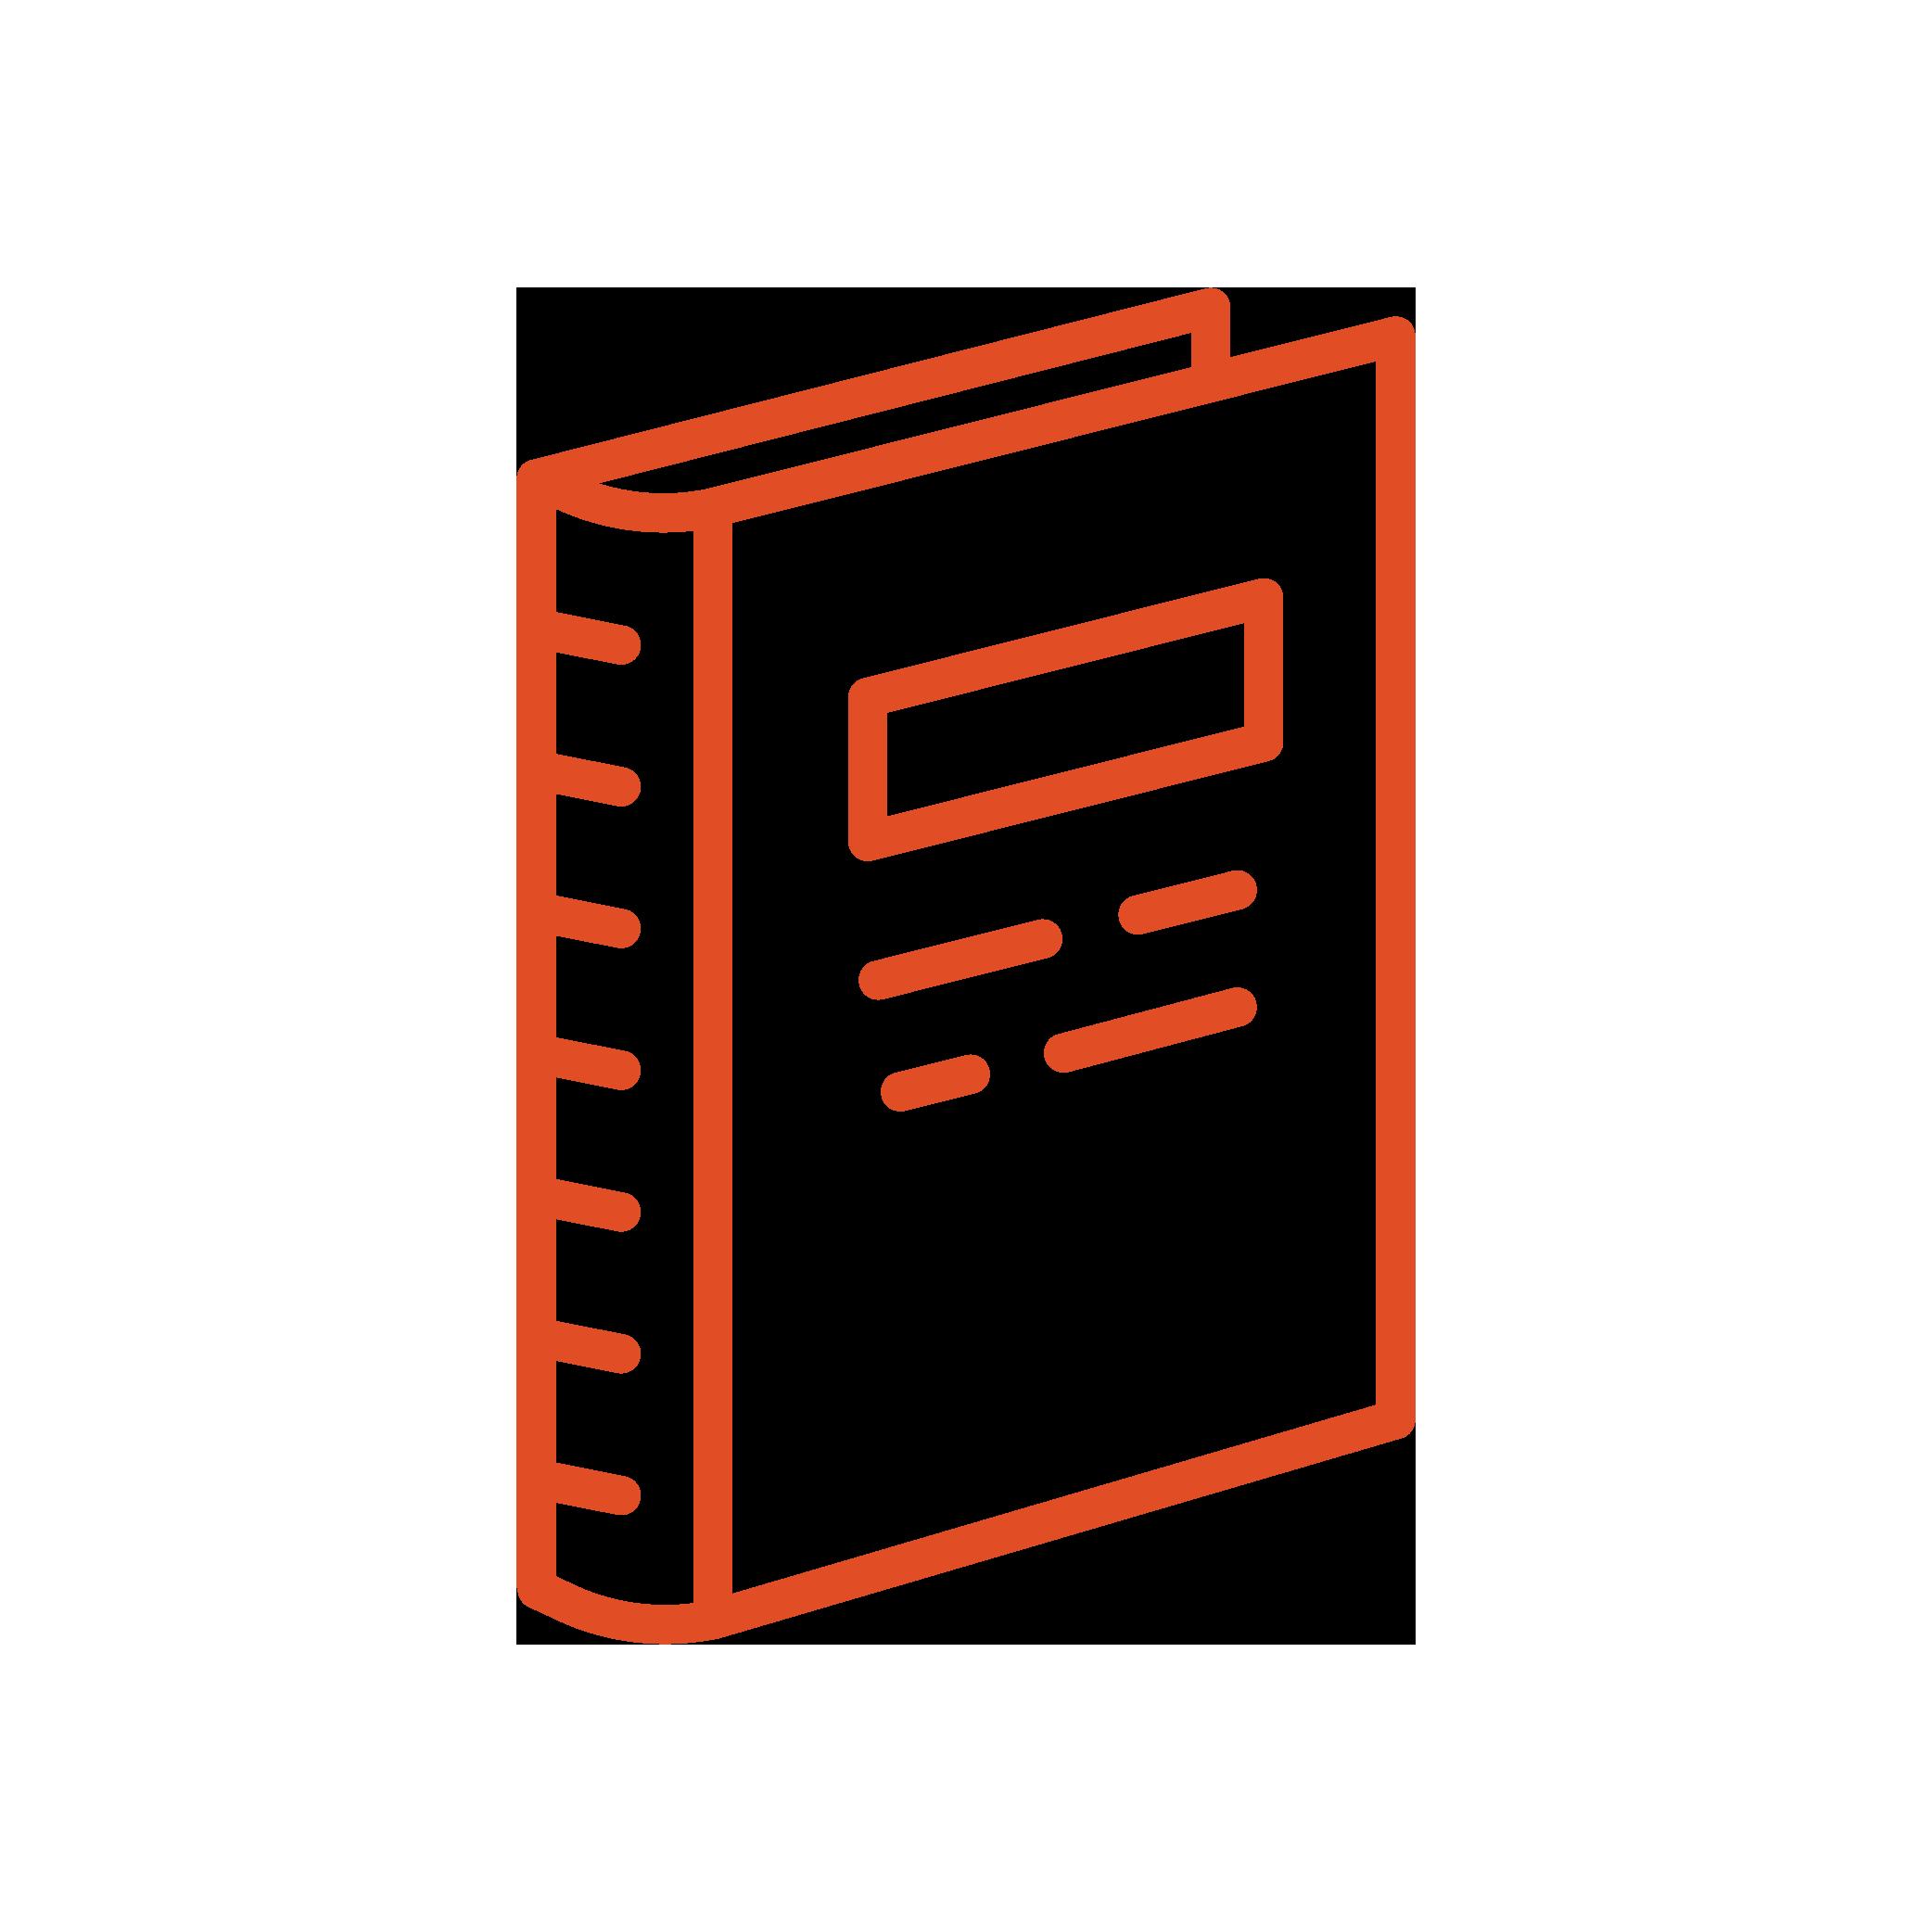 Neon-Line_Book